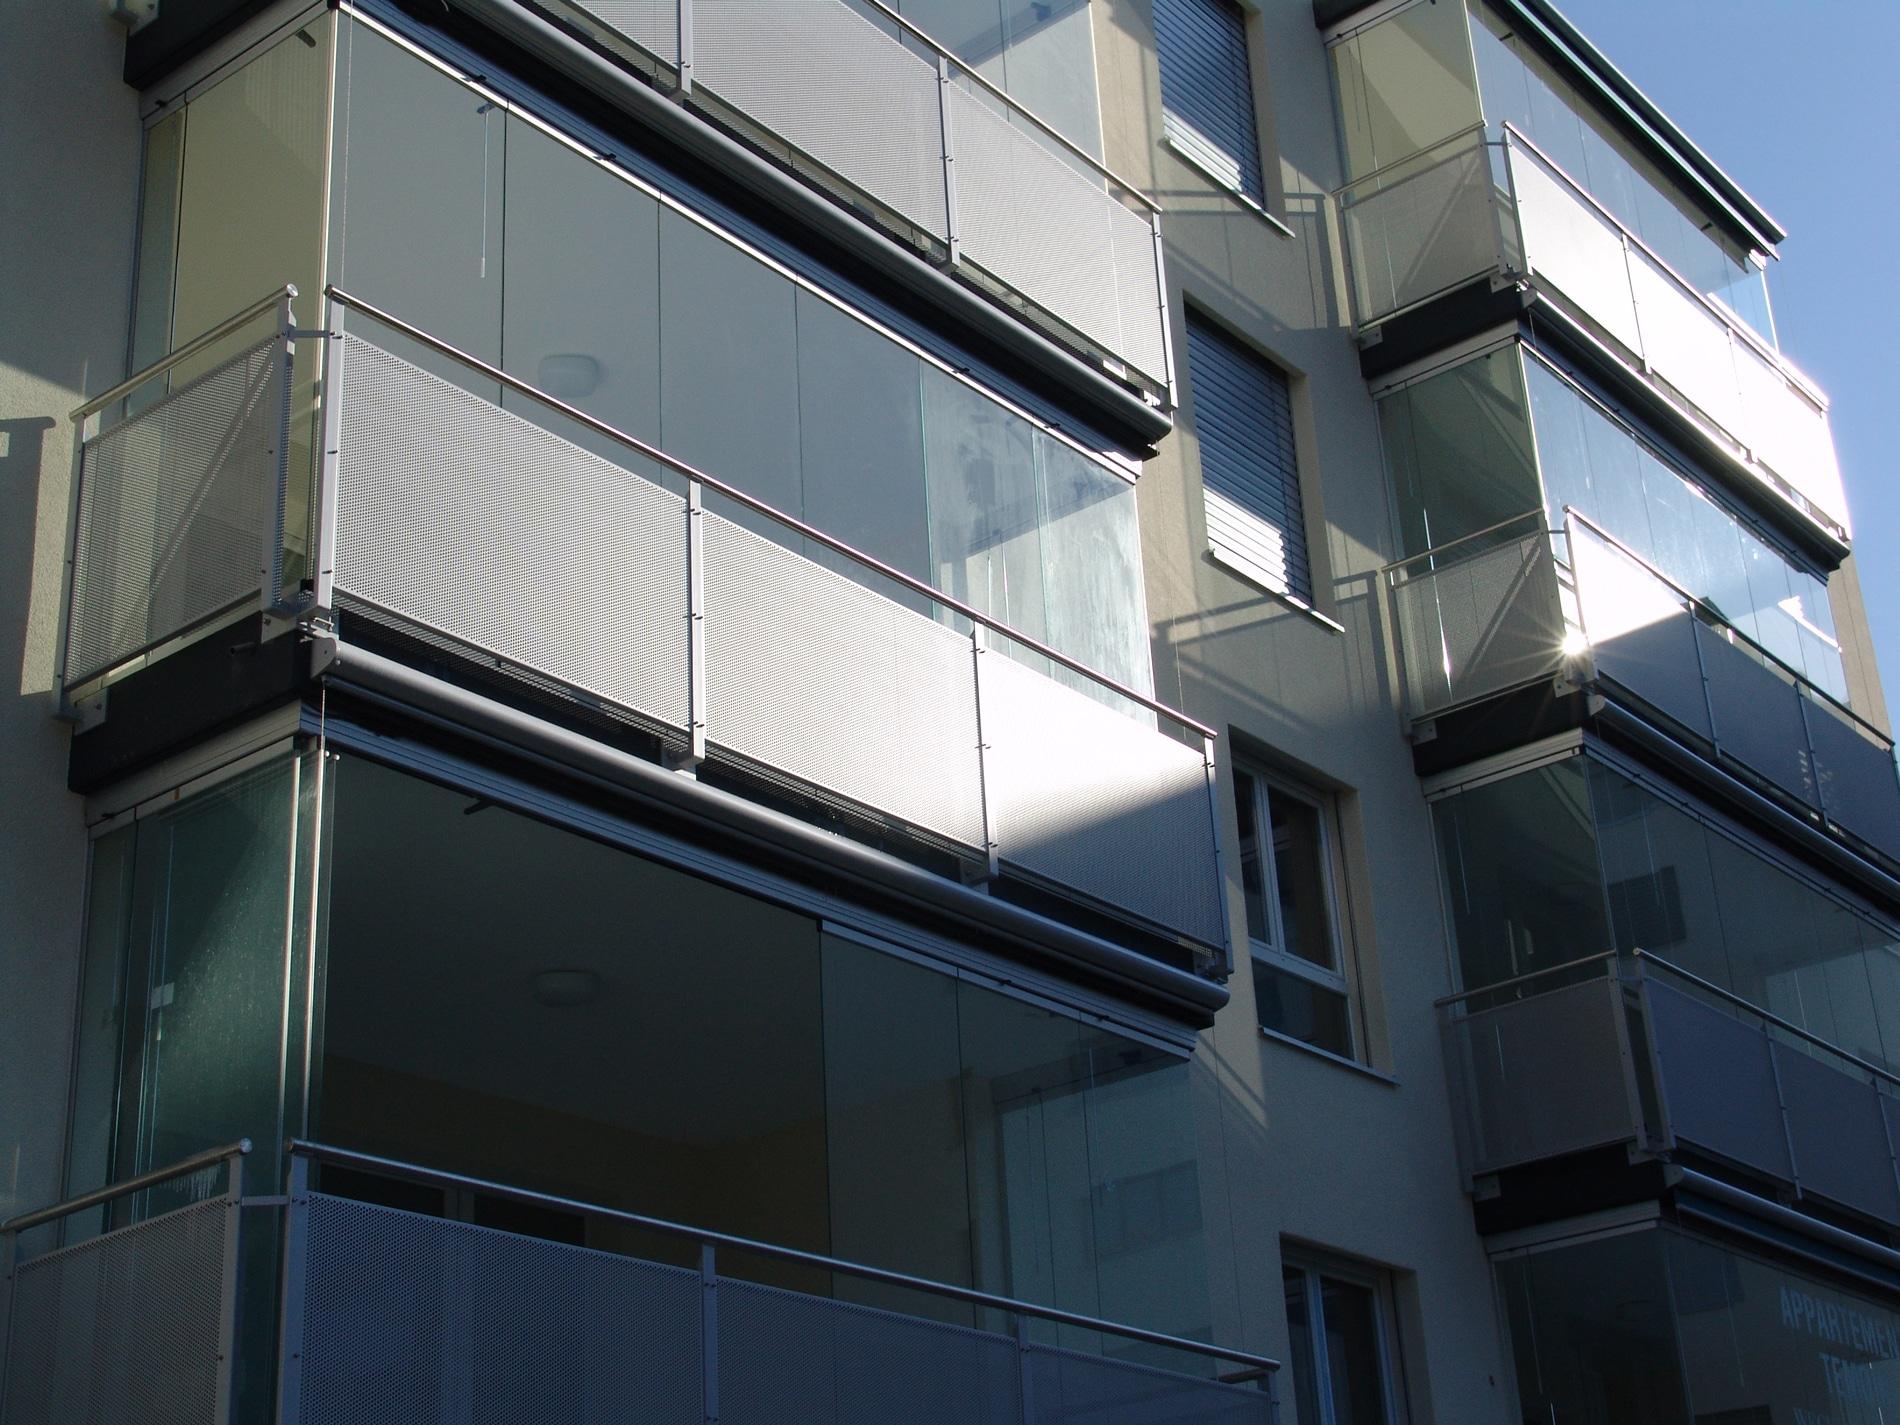 Glastüren Schiebetüren Balkone